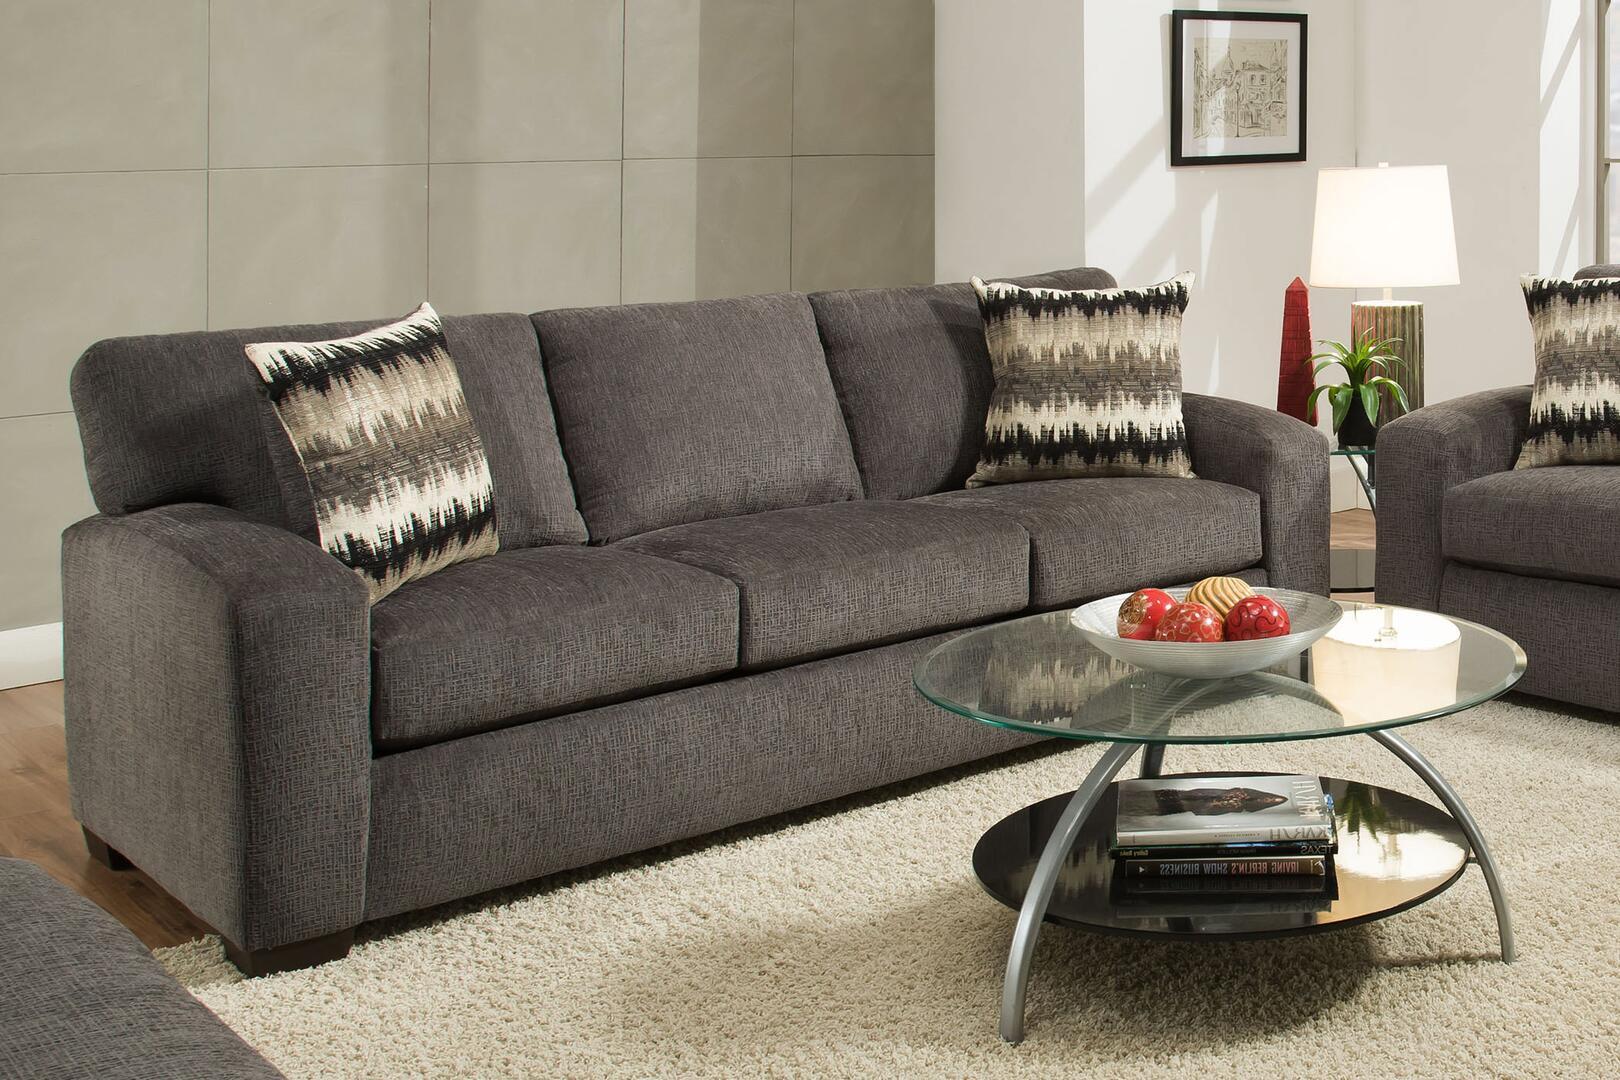 Prime Chelsea Home Furniture 1852584214Slps Inzonedesignstudio Interior Chair Design Inzonedesignstudiocom